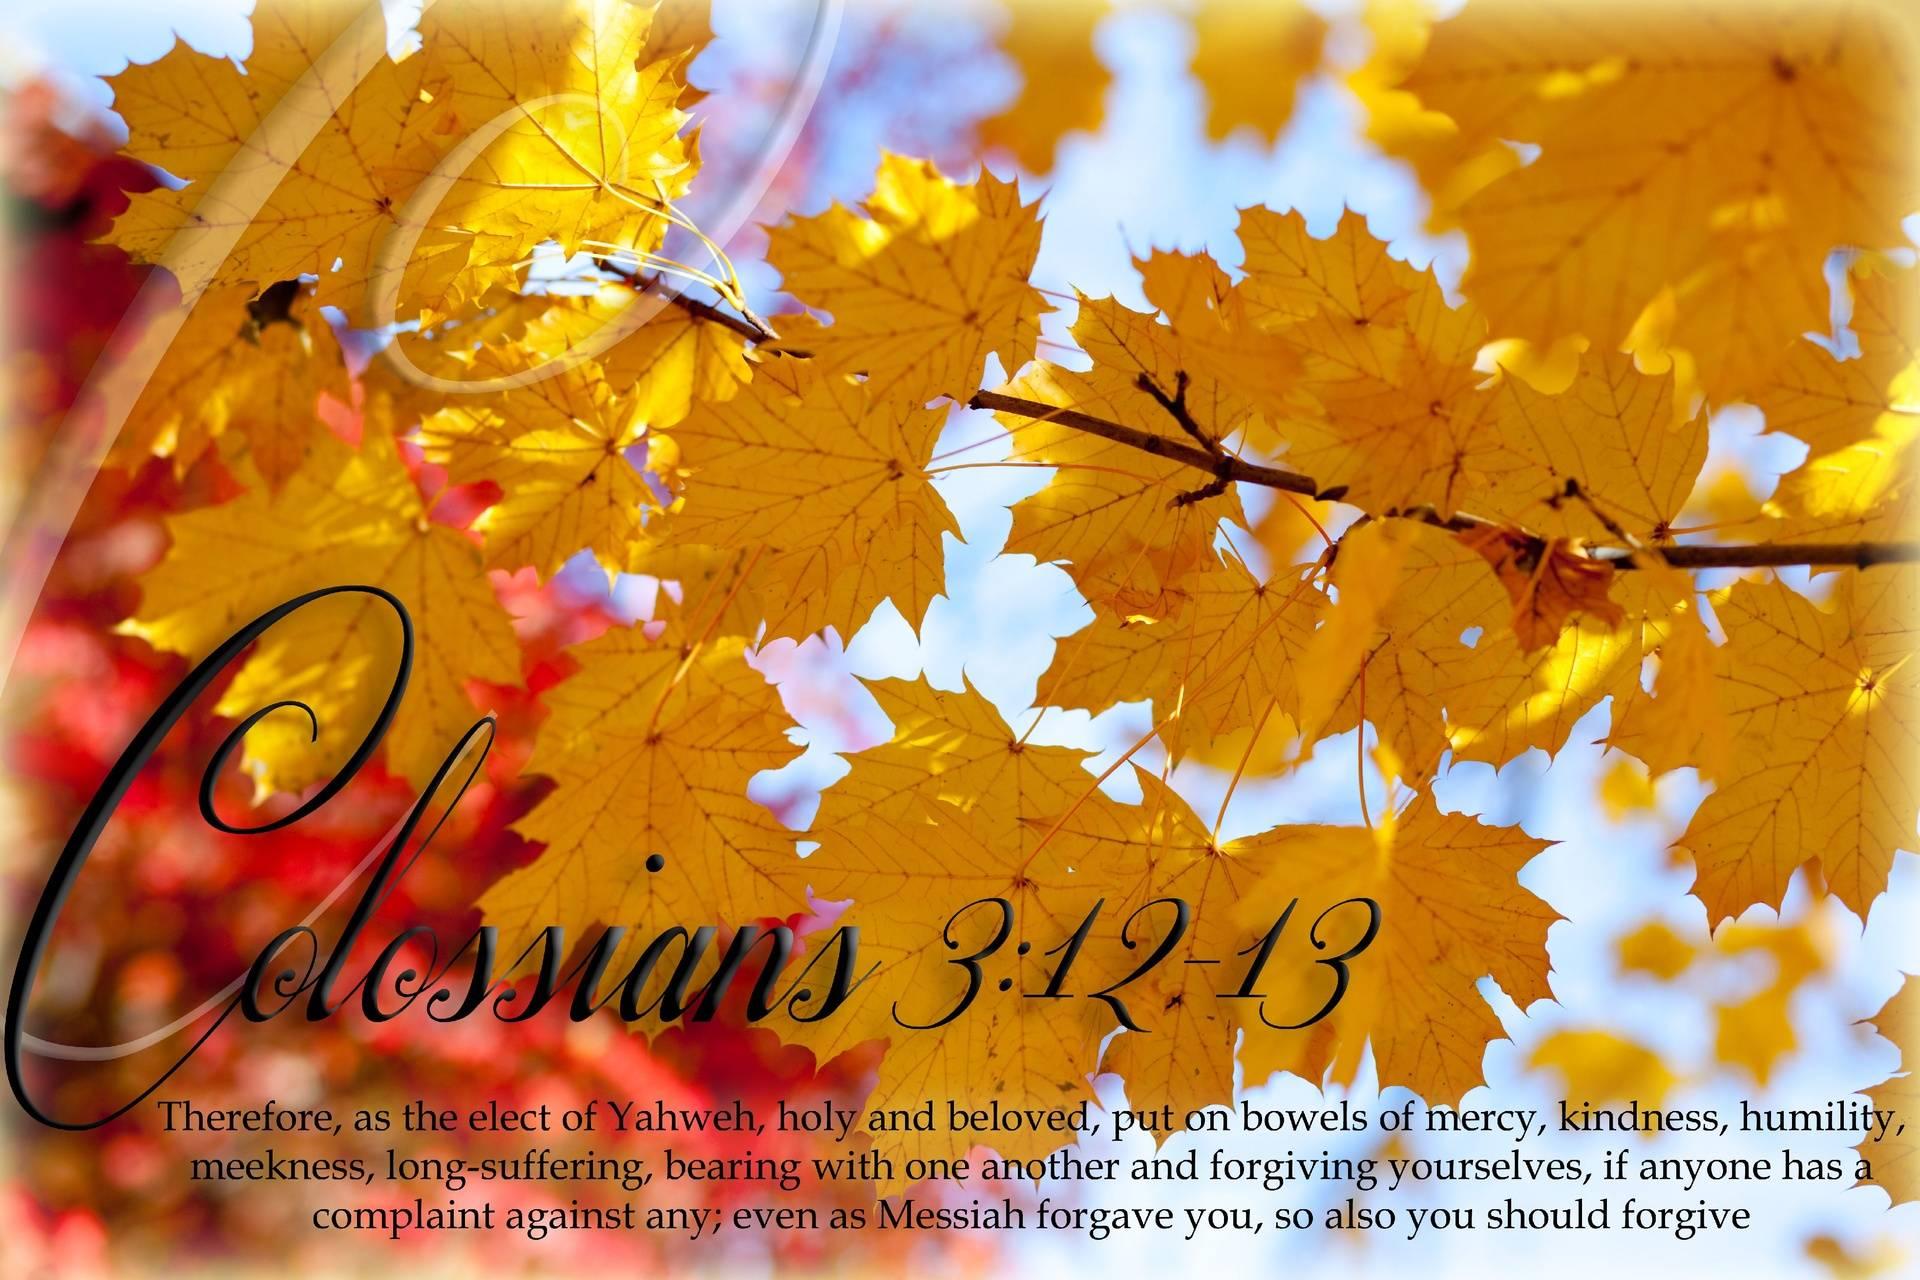 Colossians 3:12-13